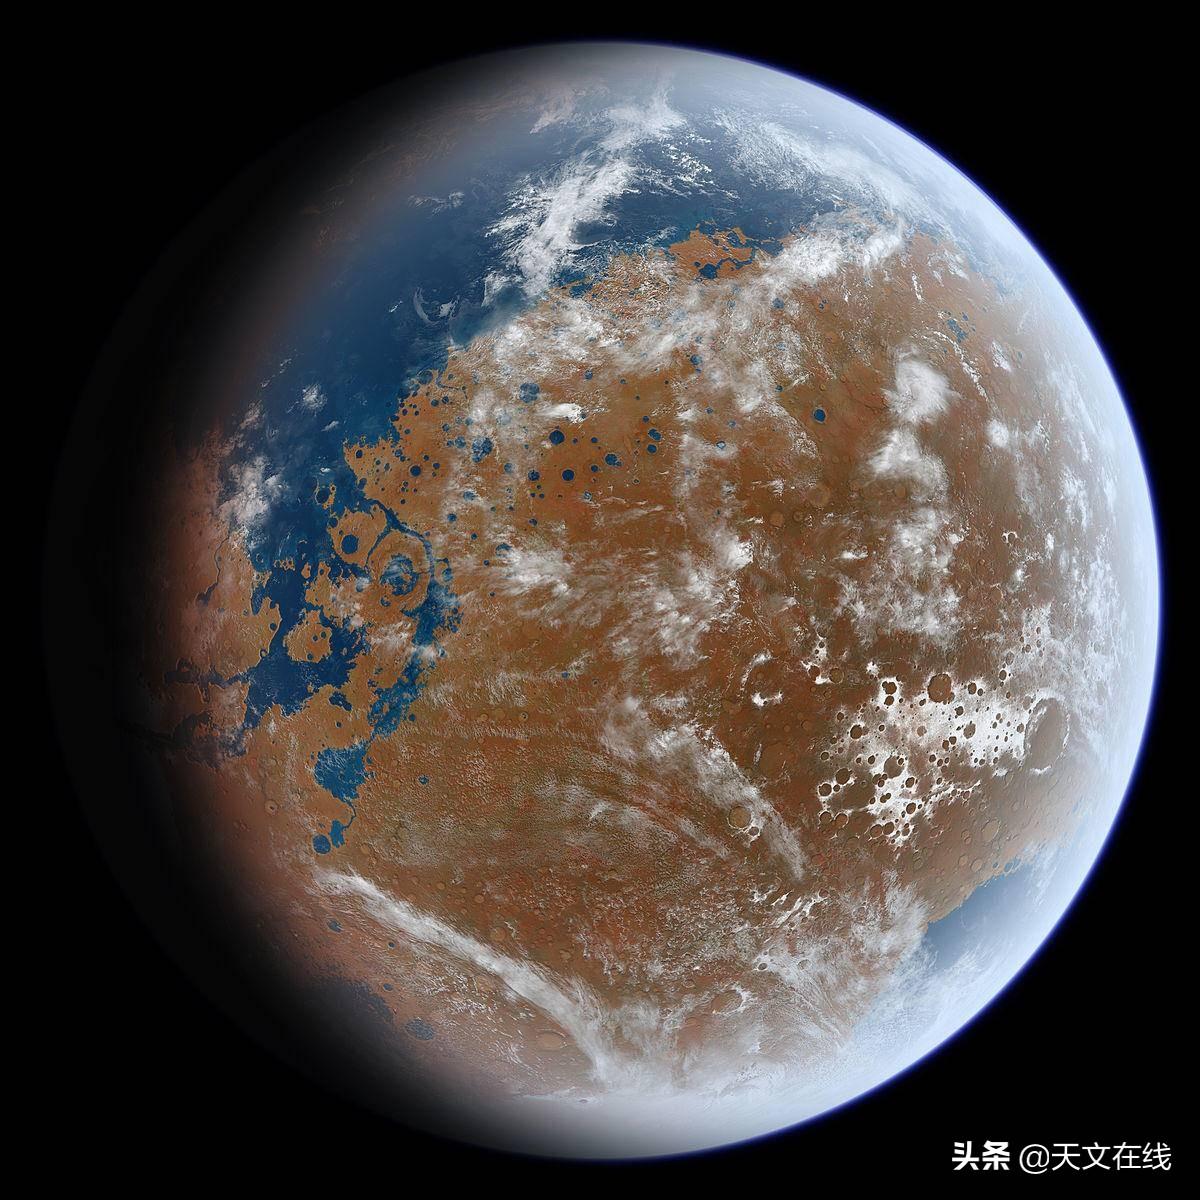 火星上的水,到底是从哪里来的?